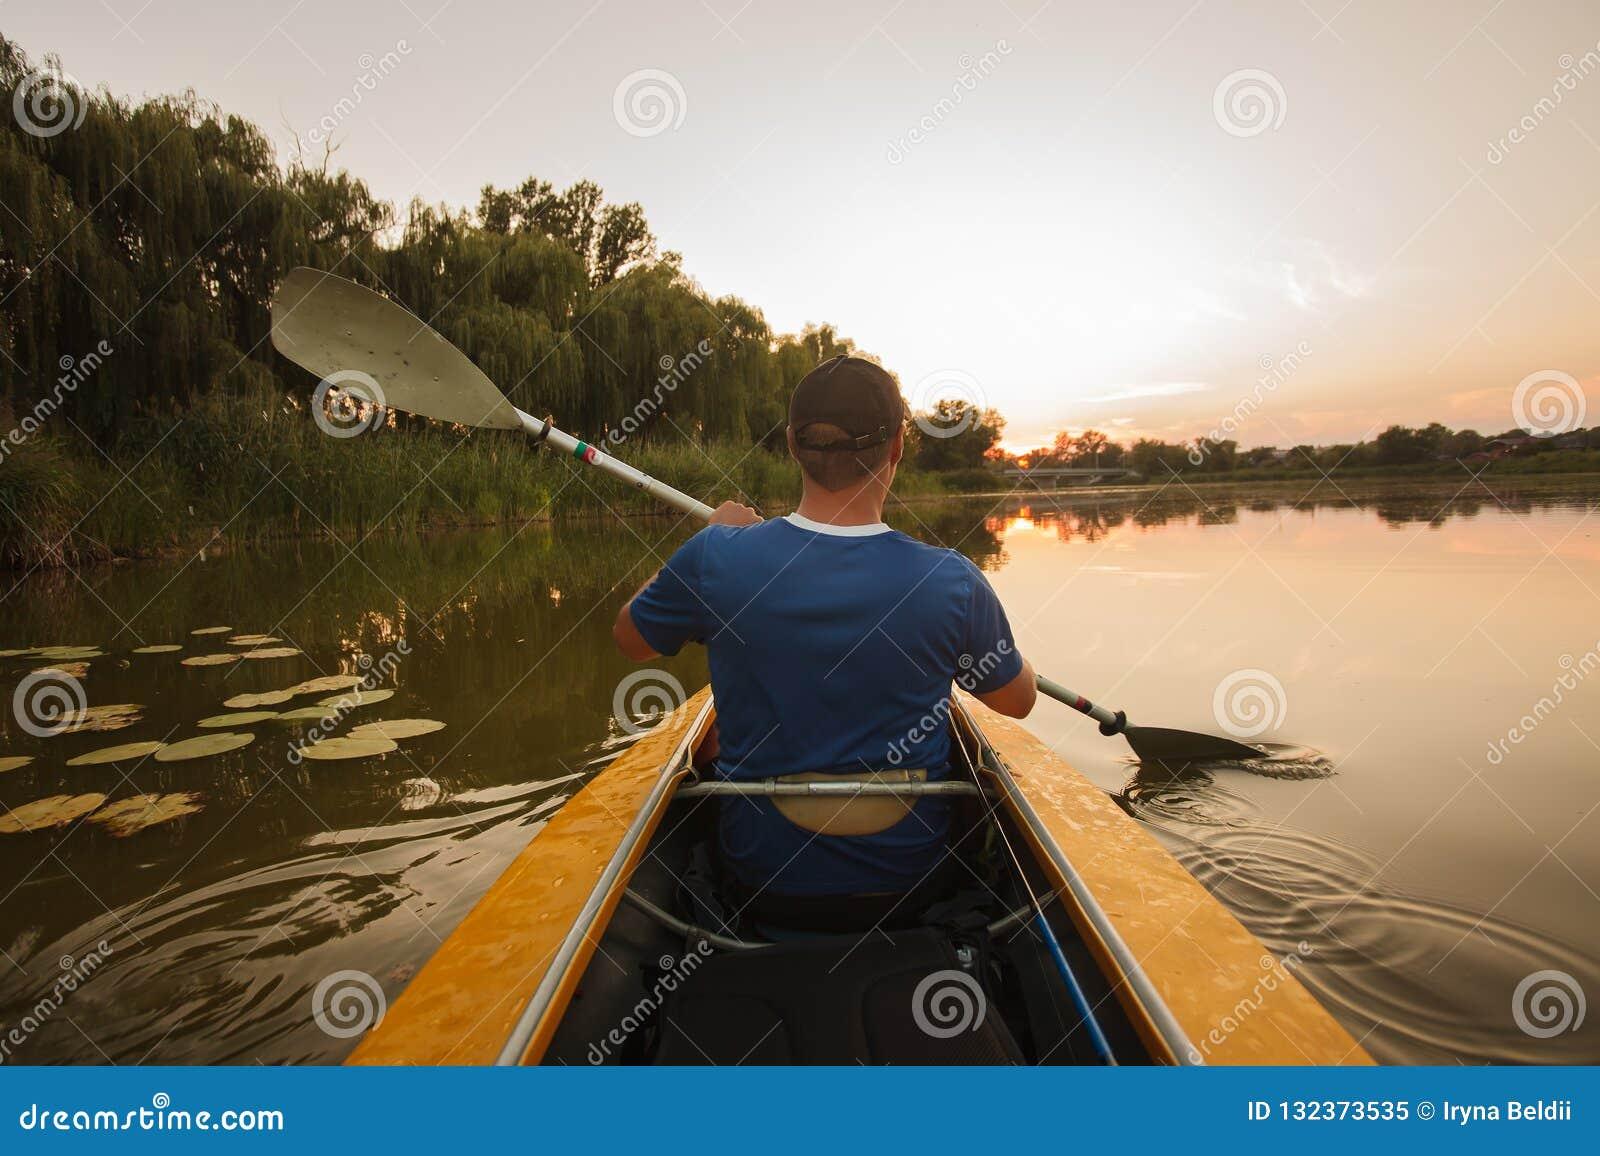 在皮船的人浮游物 皮船人日落水上运动